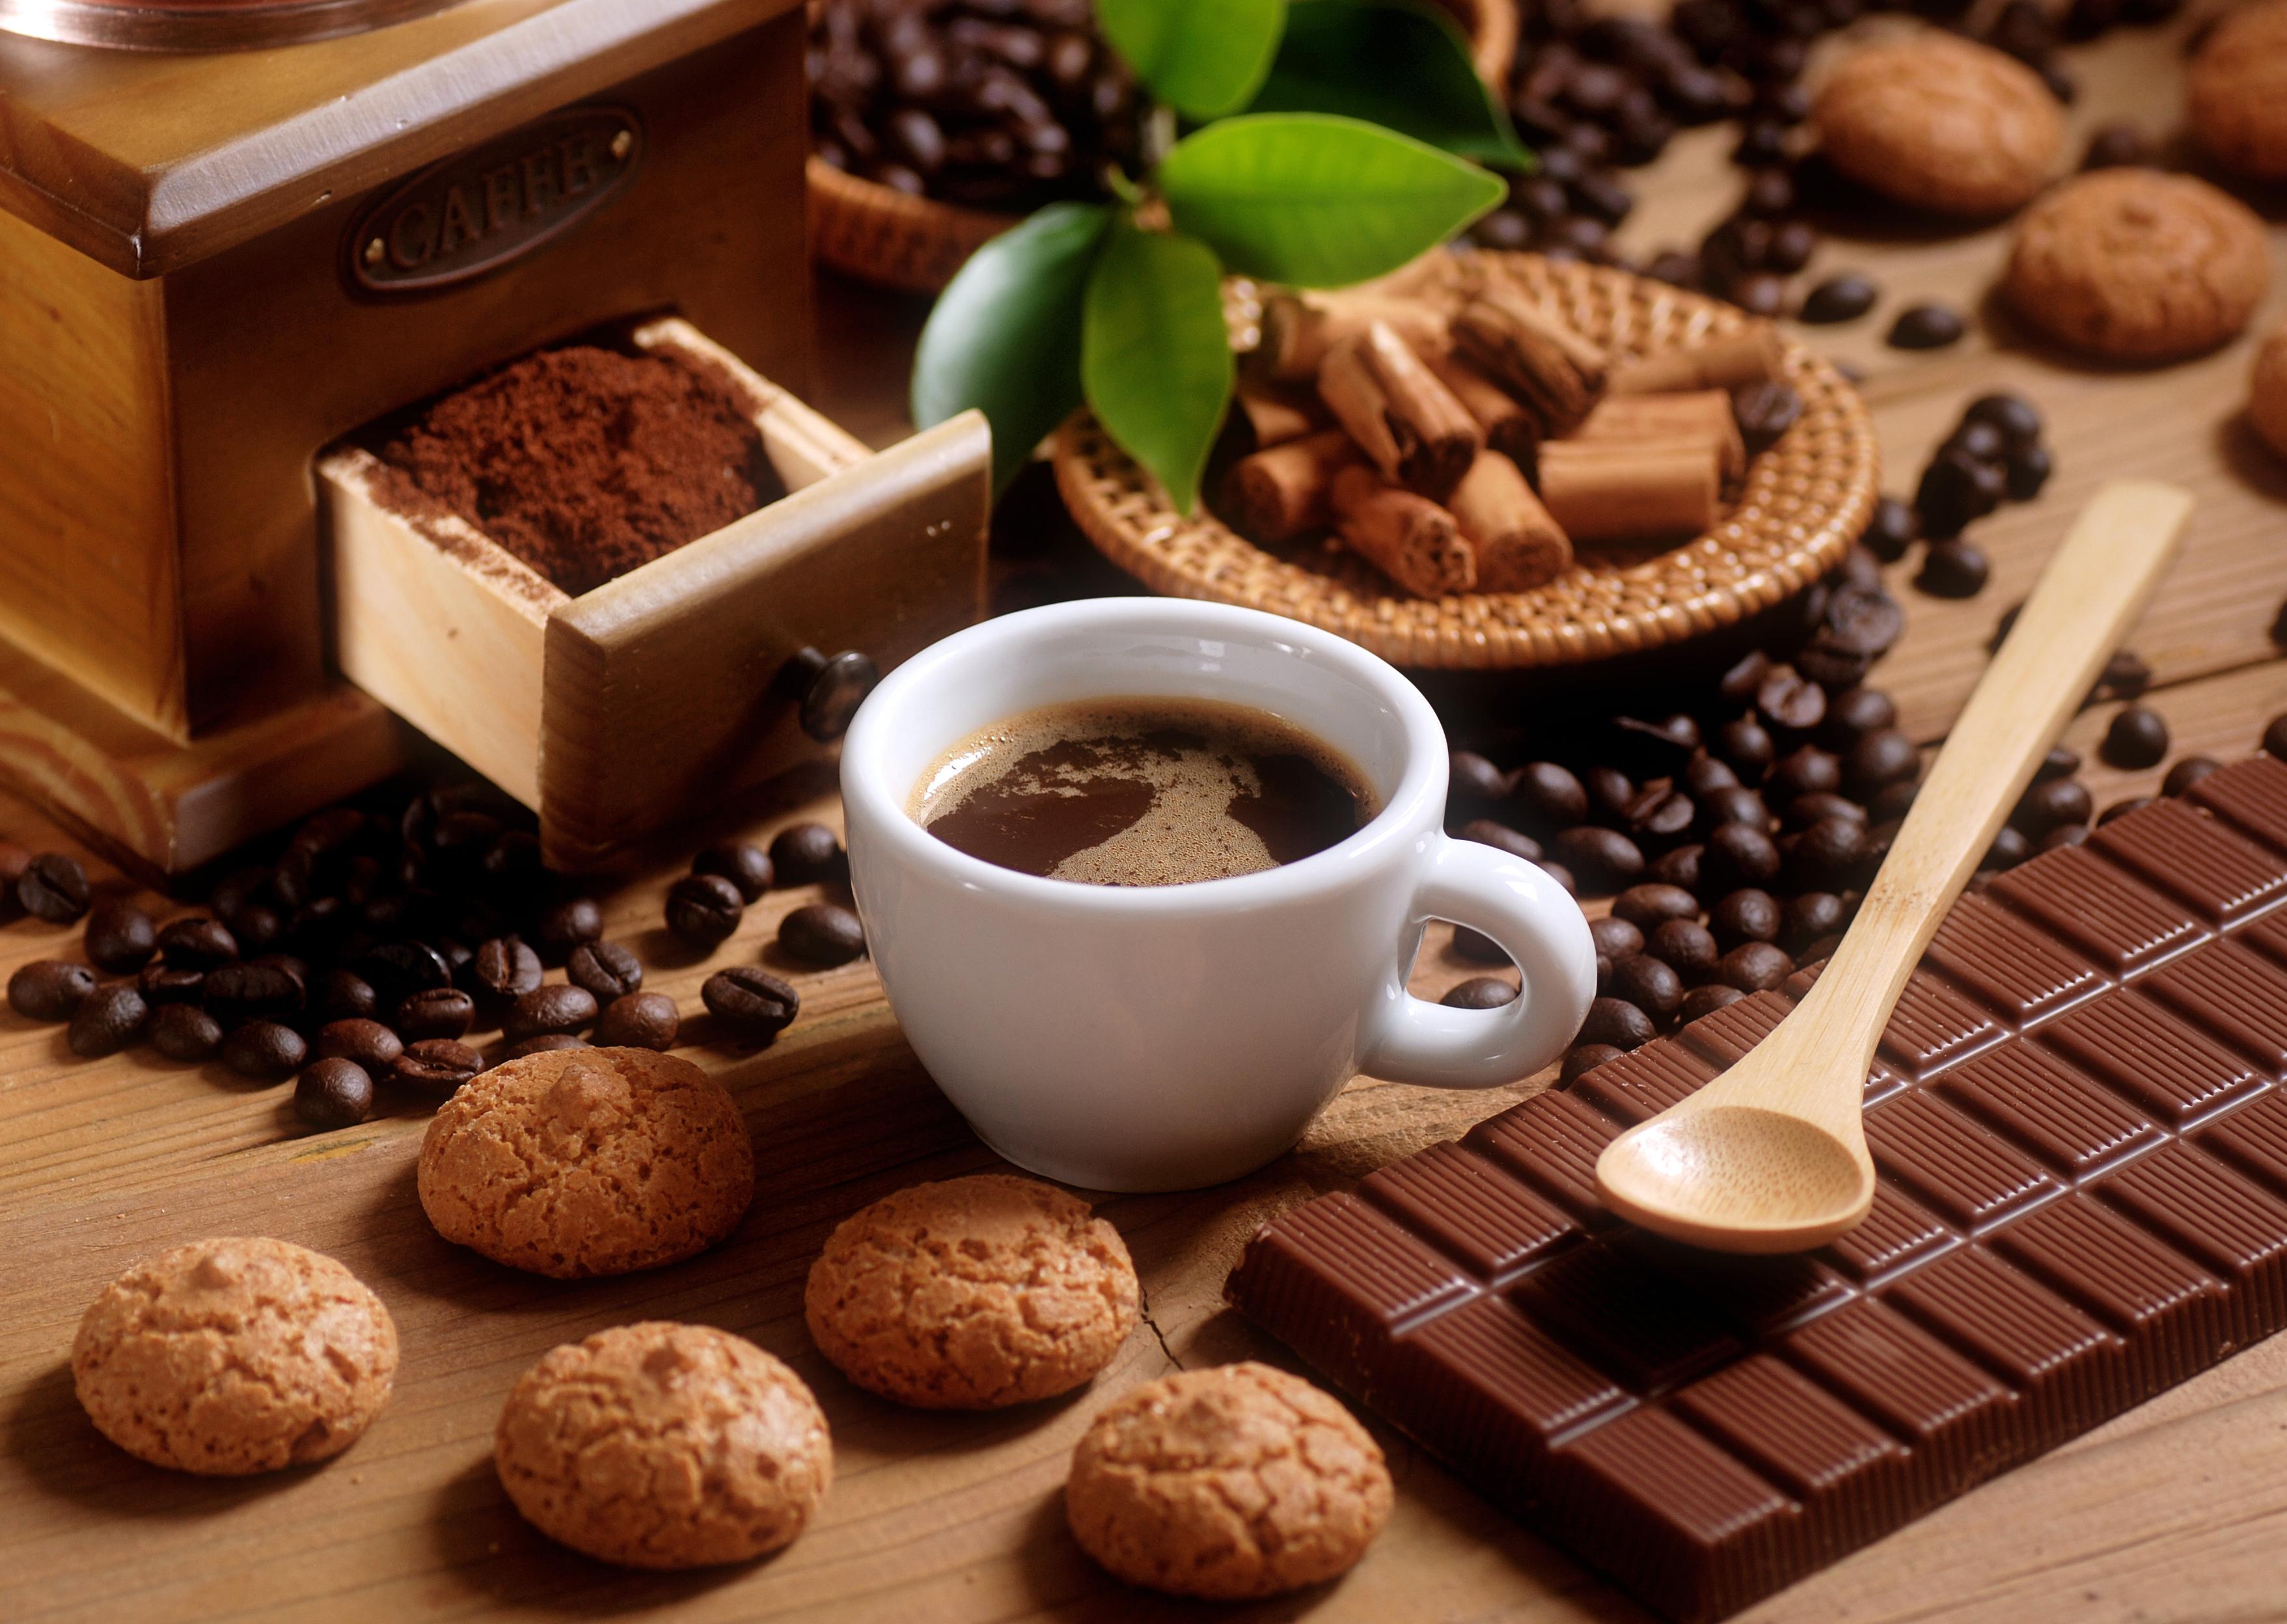 kofe-pechene-shokolad-molochnyy.jpg